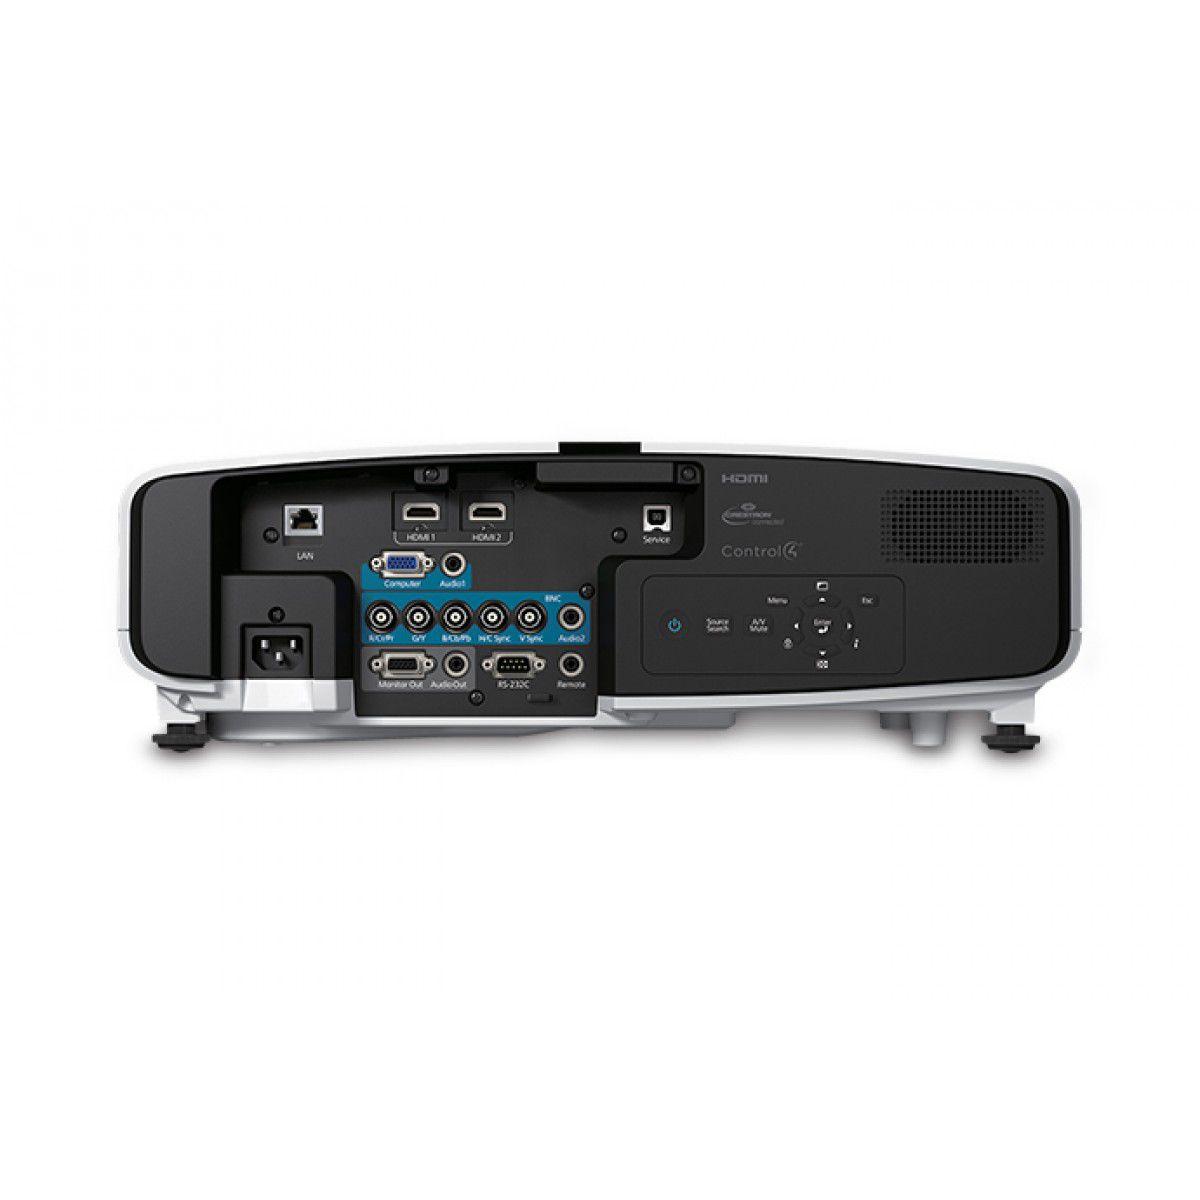 Projetor Multimidia EPSON Powerlite 5510 5500 V11H828020